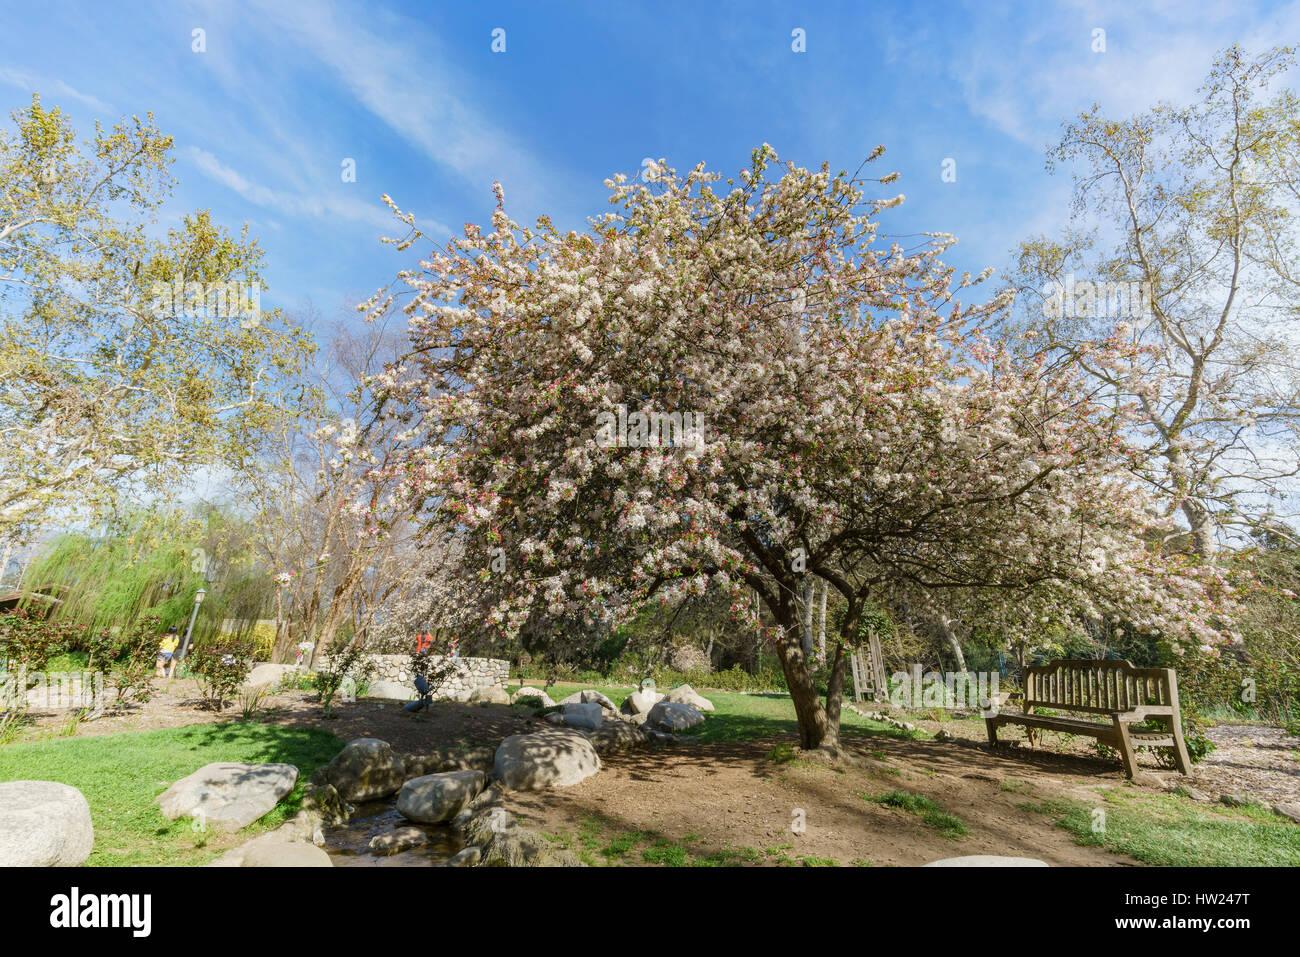 Descanso Garden Stock Photos & Descanso Garden Stock Images - Alamy